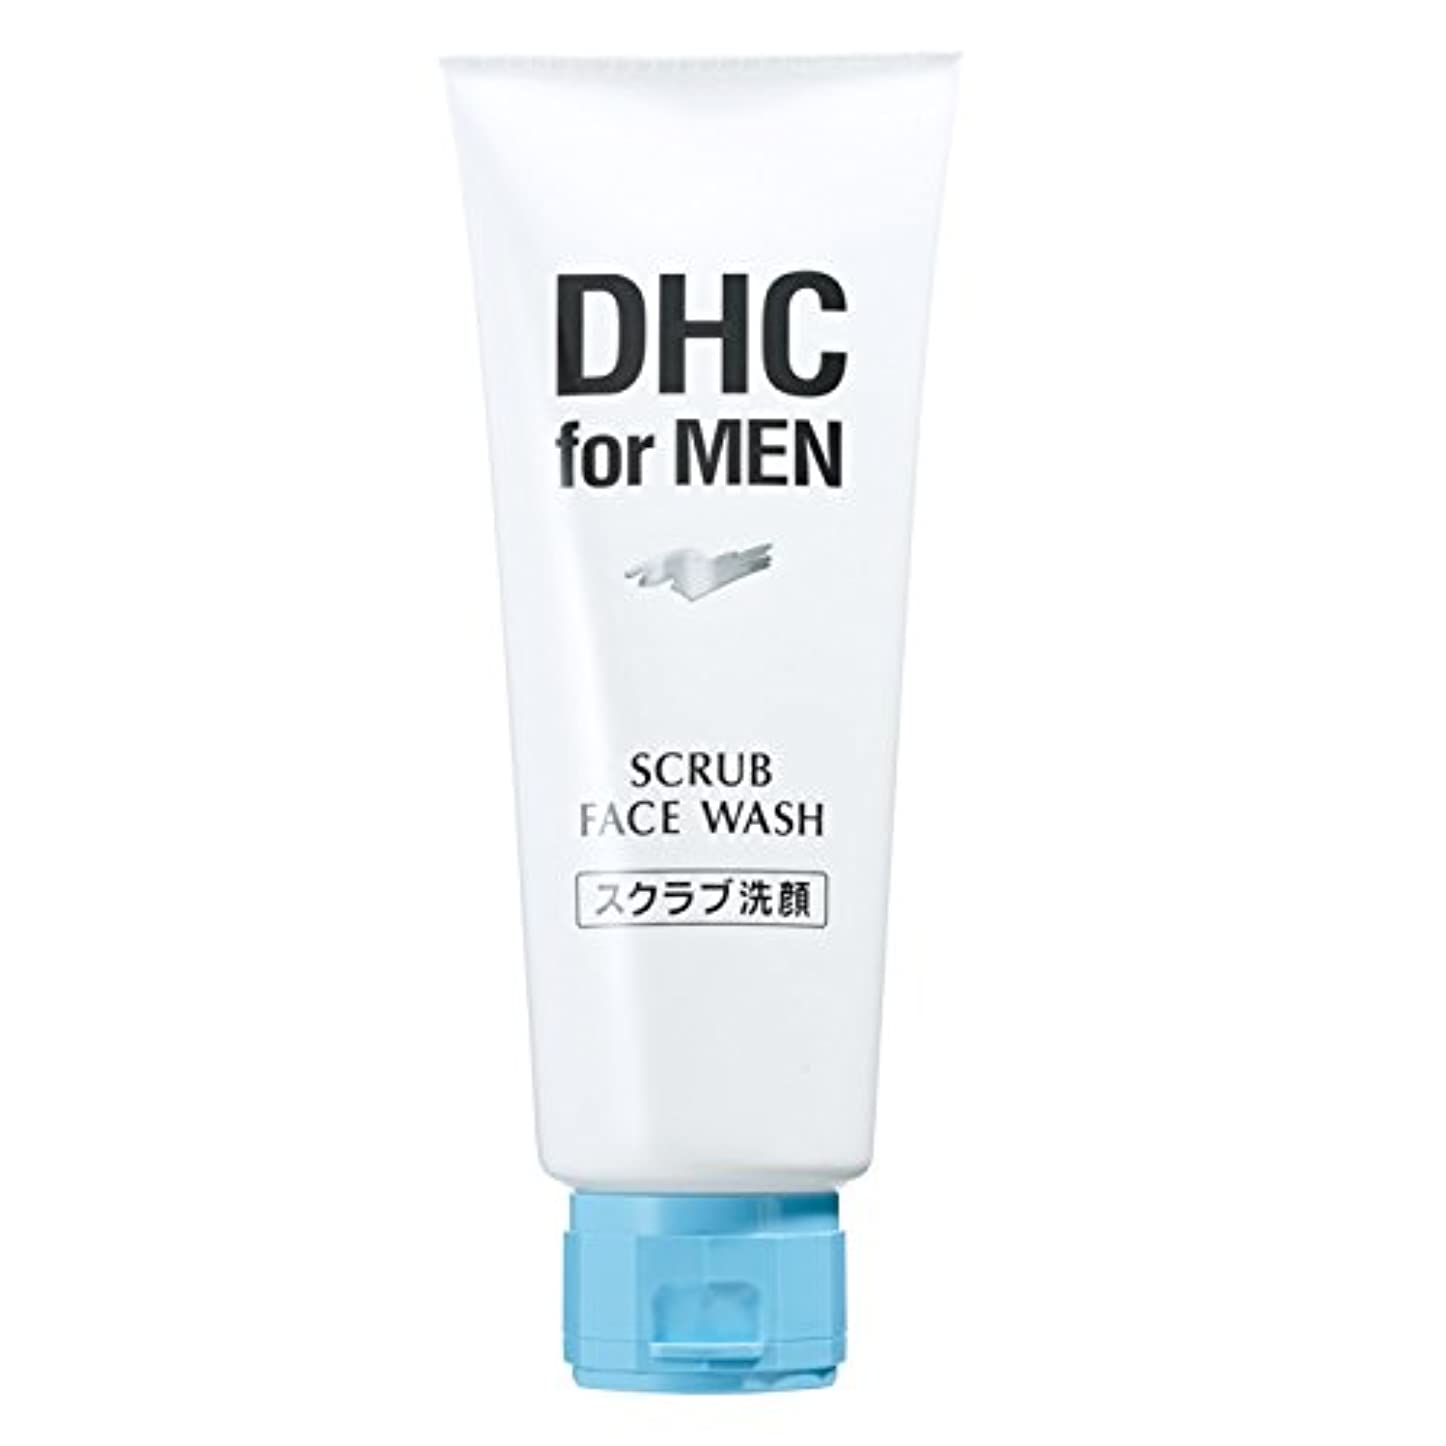 つぼみ赤伝染性DHC スクラブ フェース ウォッシュ 【DHC for MEN】